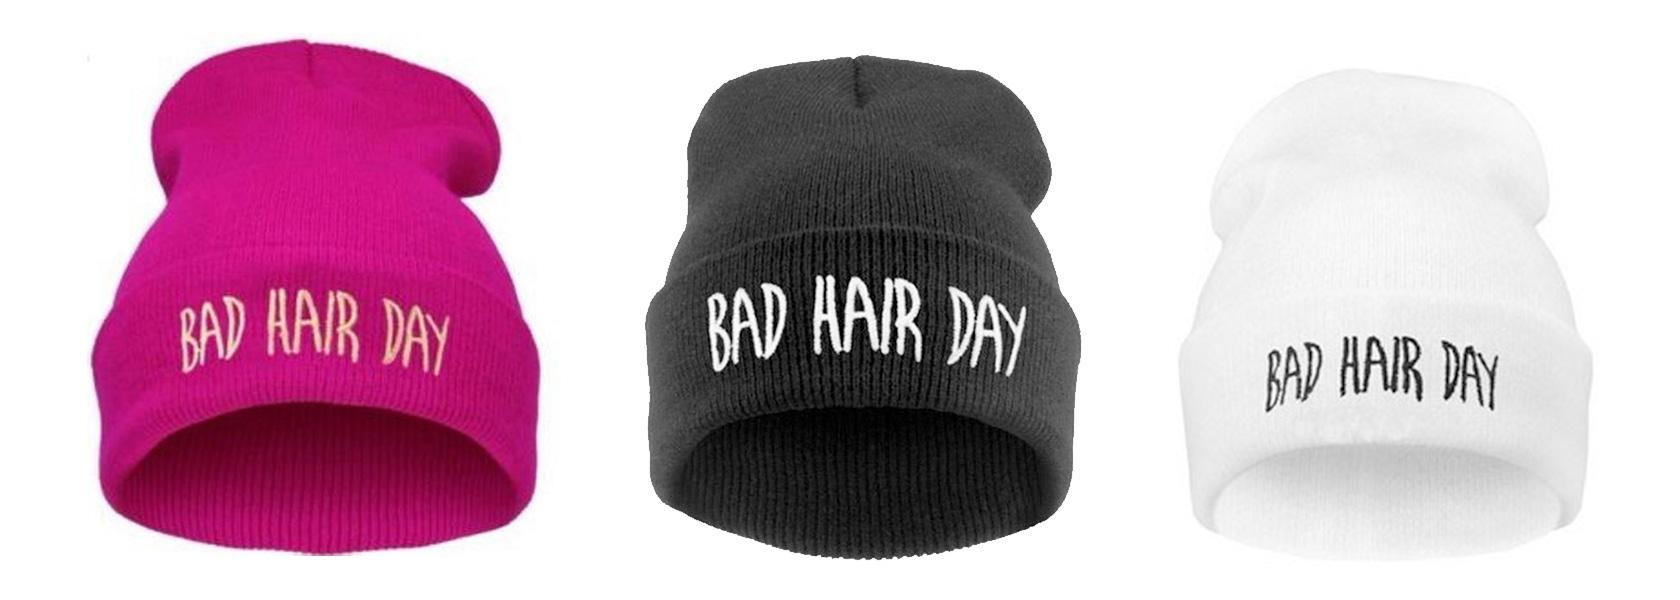 Bad Hair Day Mützen